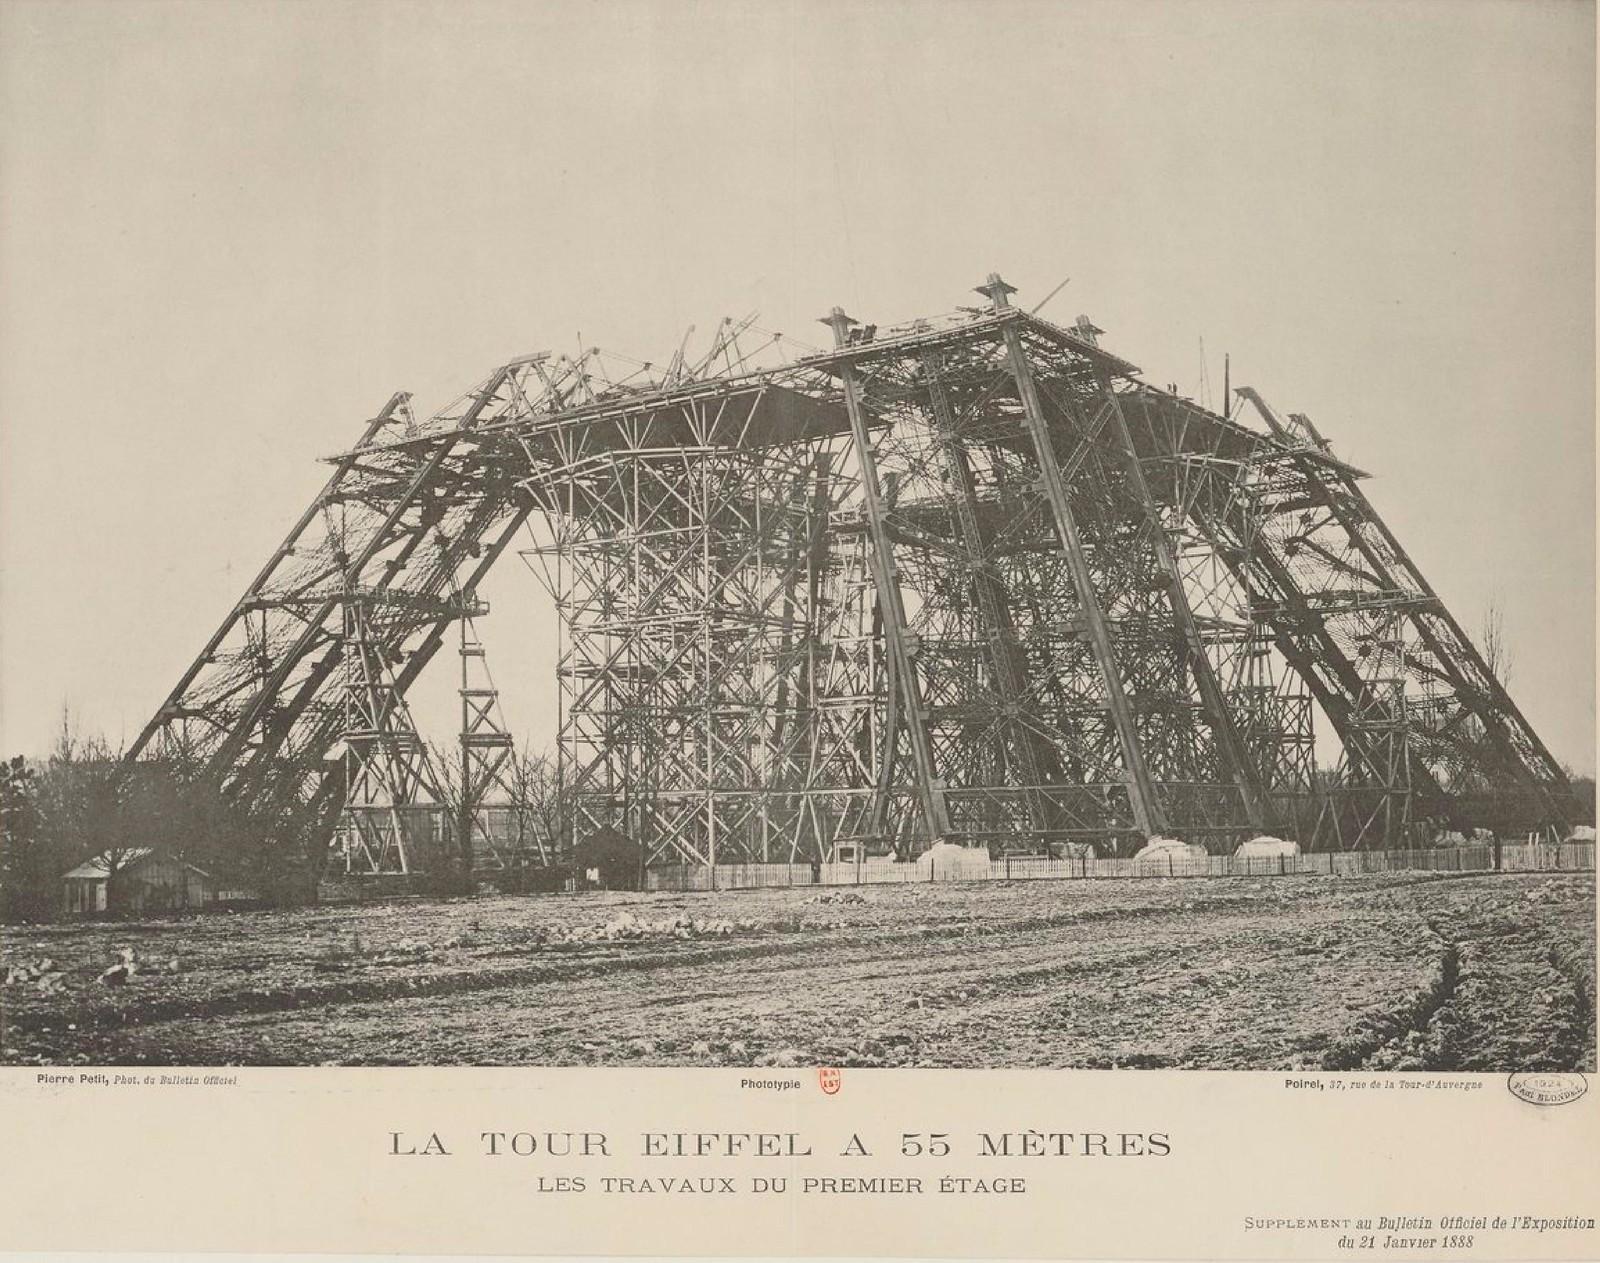 02. 1888. 21 января. Пройдены первые 55 метров